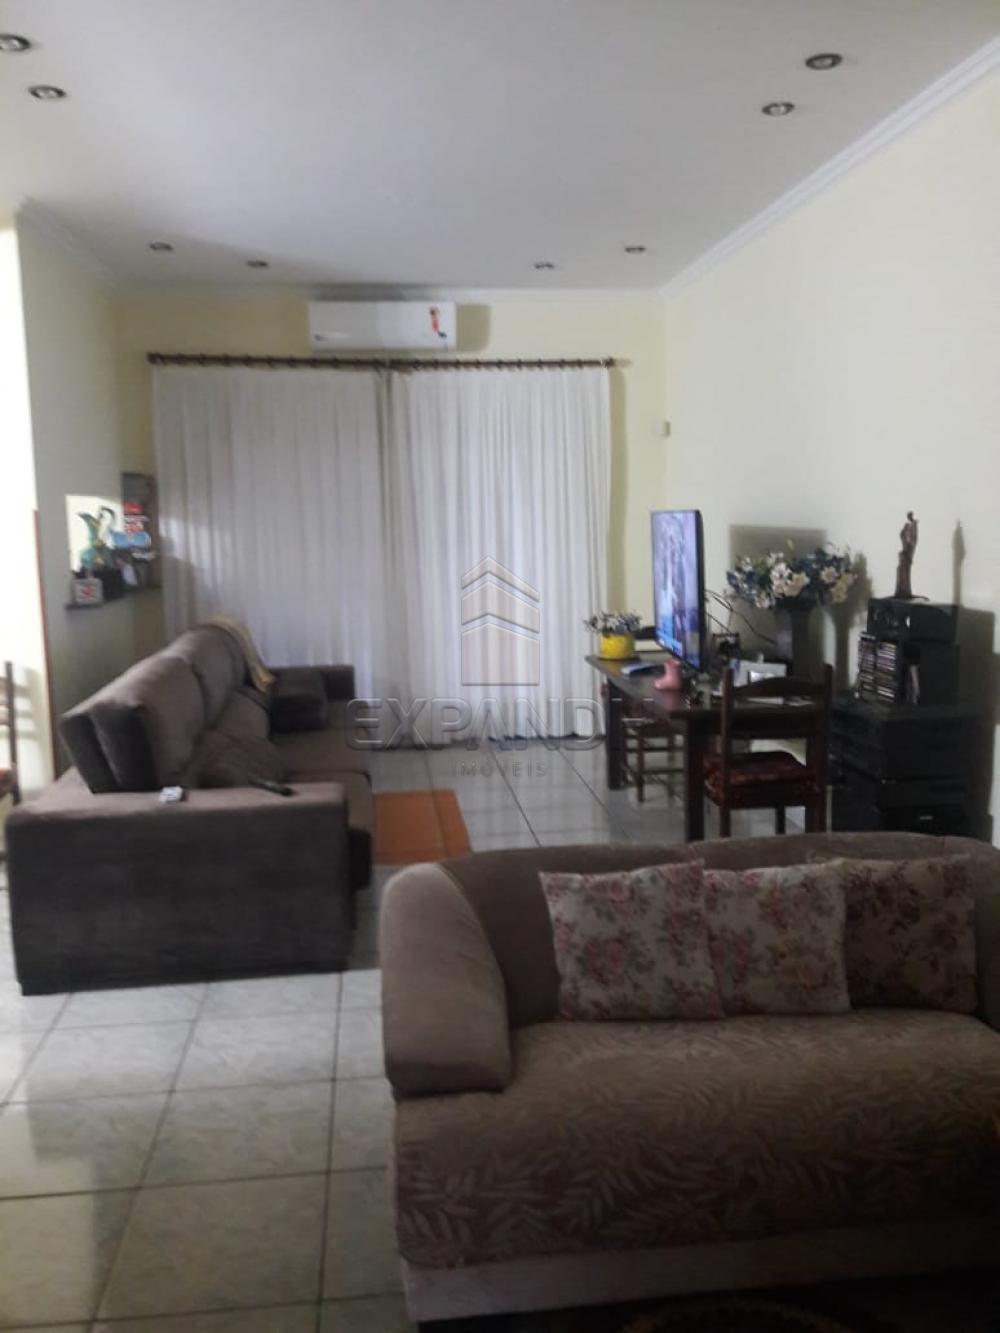 Comprar Casas / Padrão em Sertãozinho R$ 590.000,00 - Foto 11